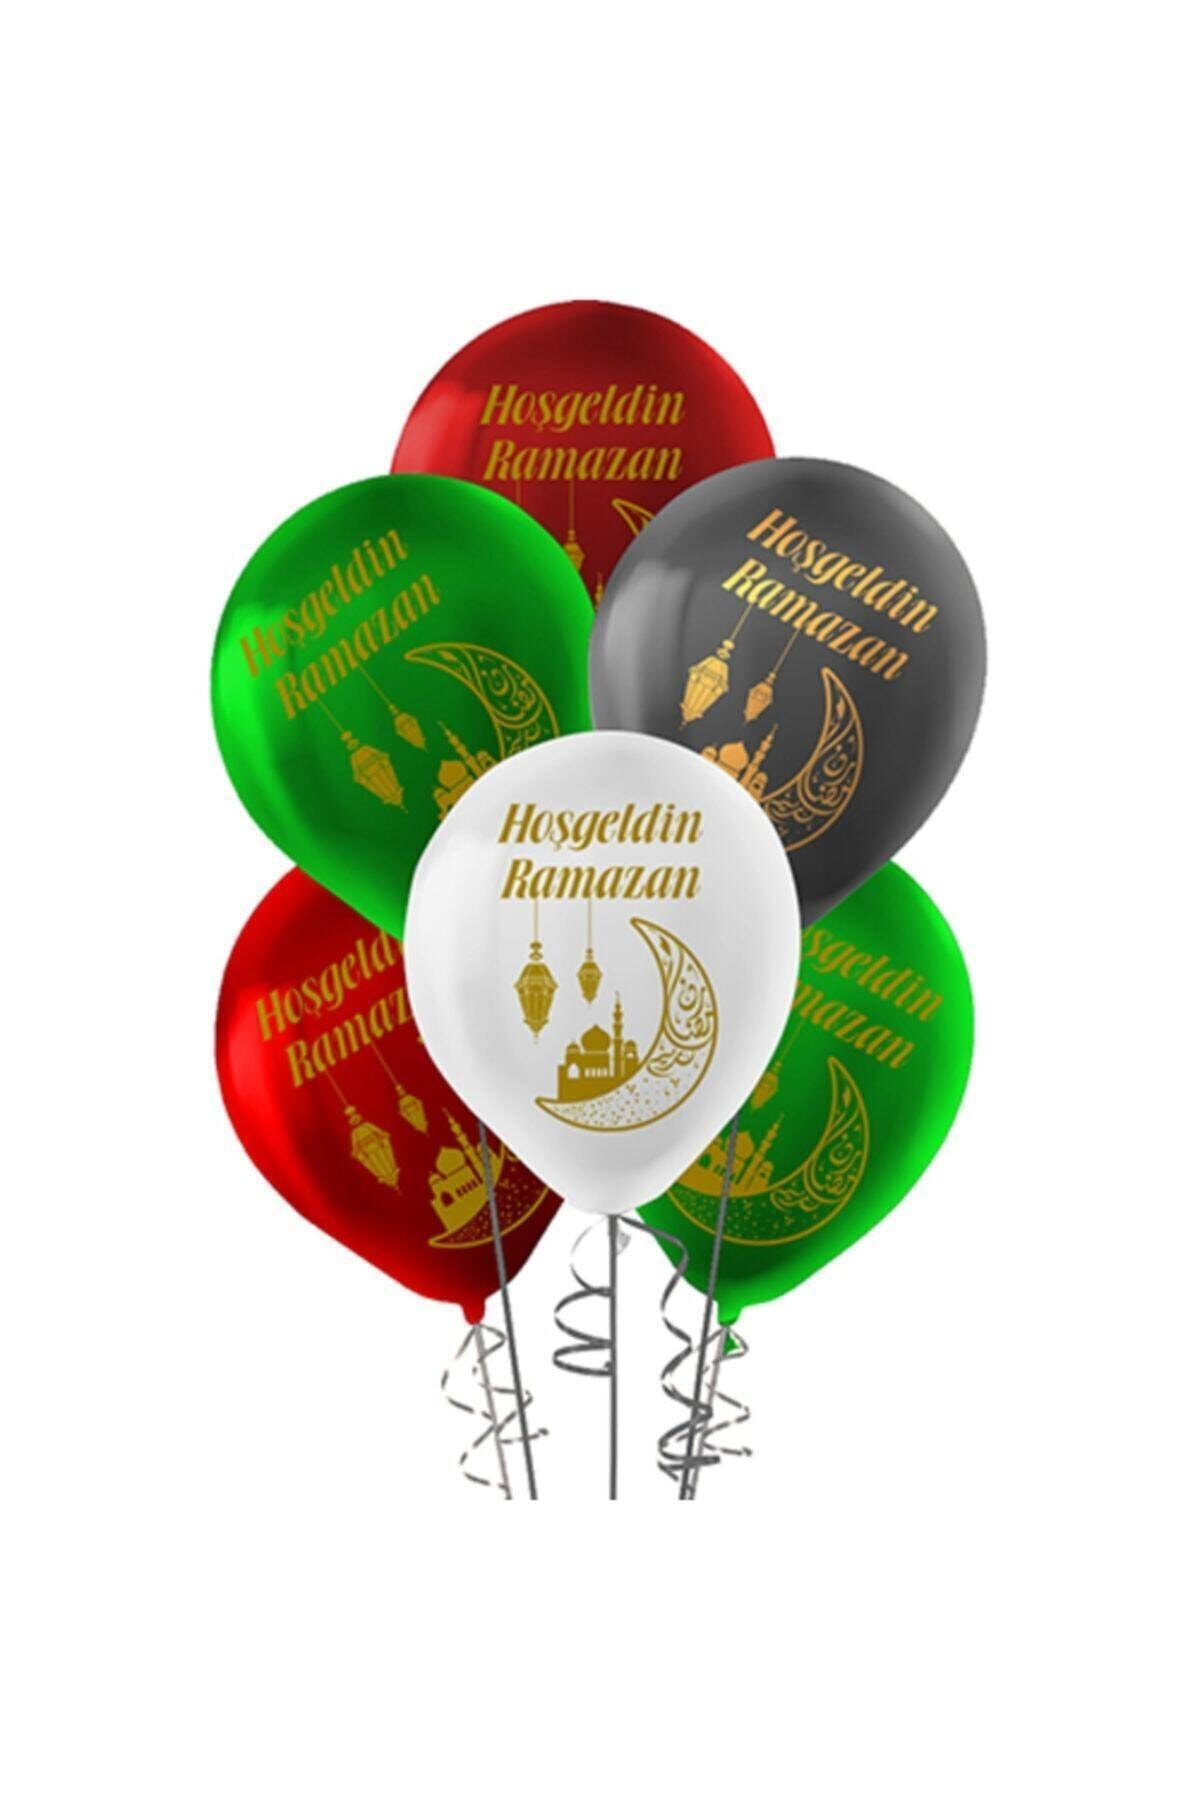 Hoşgeldin Ramazan Baskılı 25 Adet Balon Dini Islami Bayram Süsü Beyaz Yeşil Siyah Bordo Renkli